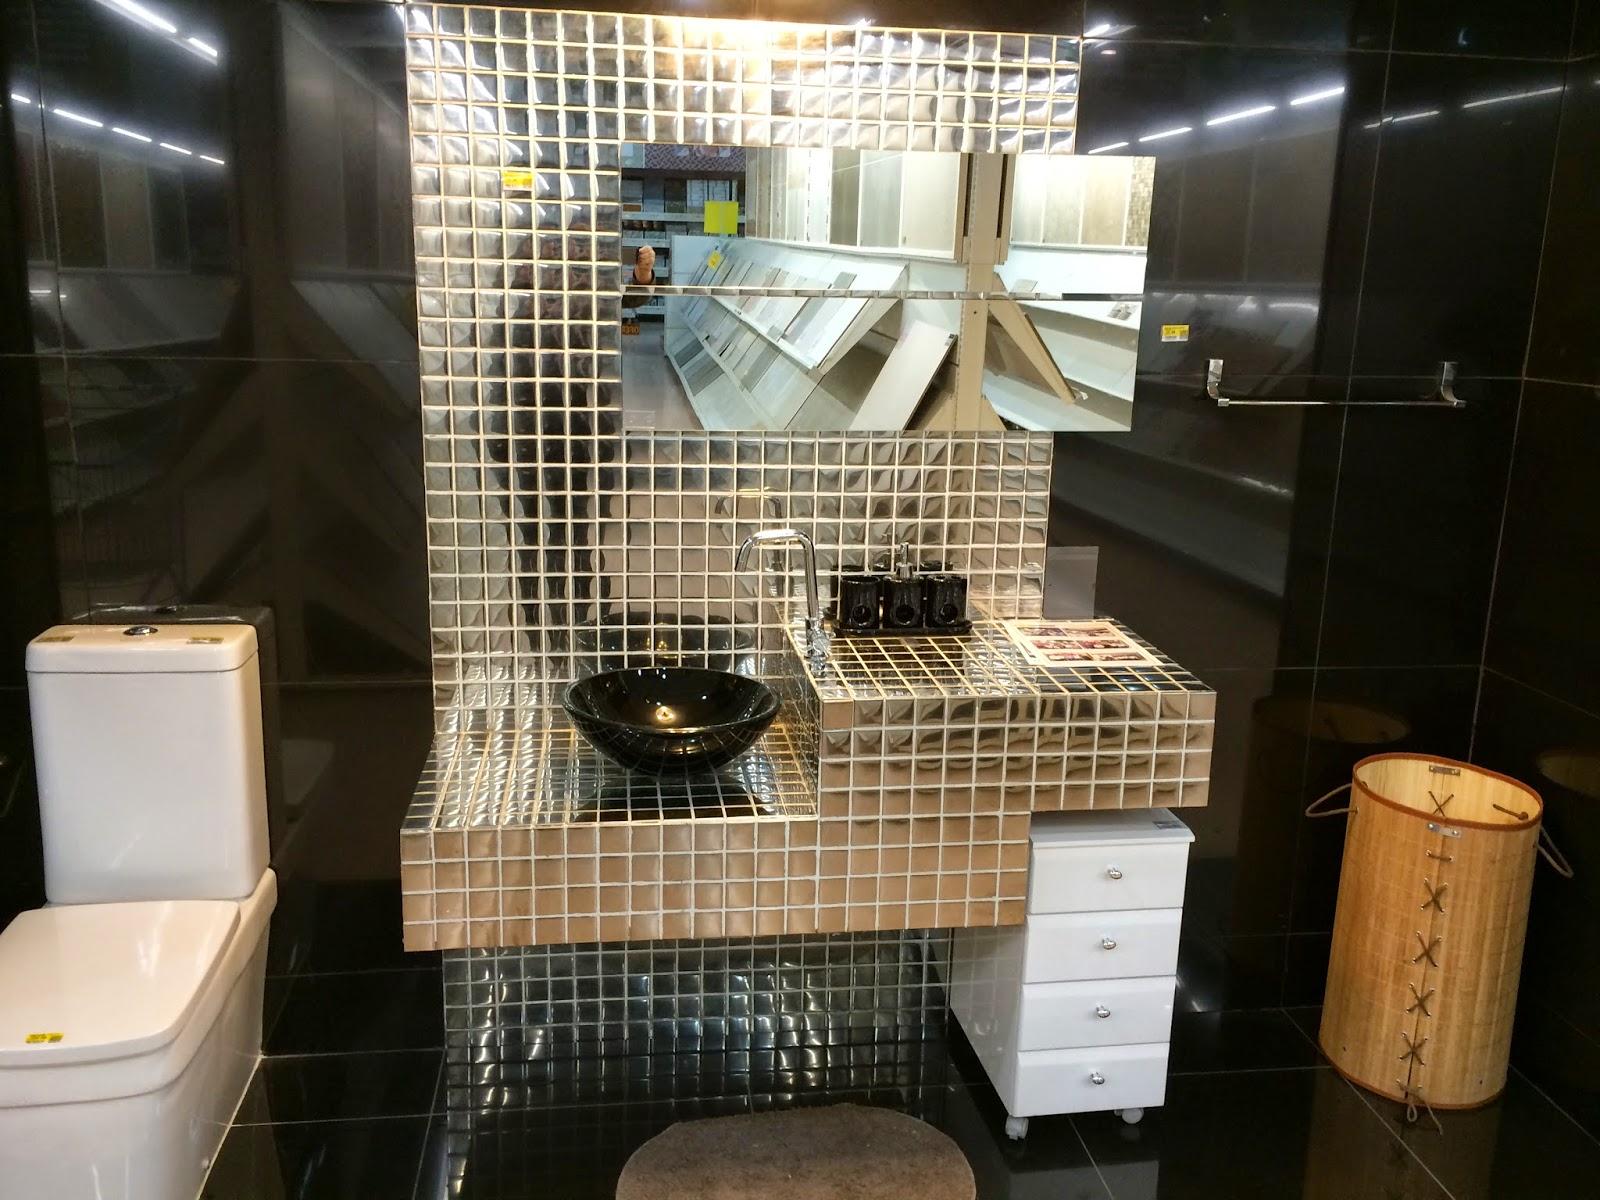 Dois Banheiros Inspiração Glam Casa e Reforma #9A6831 1600x1200